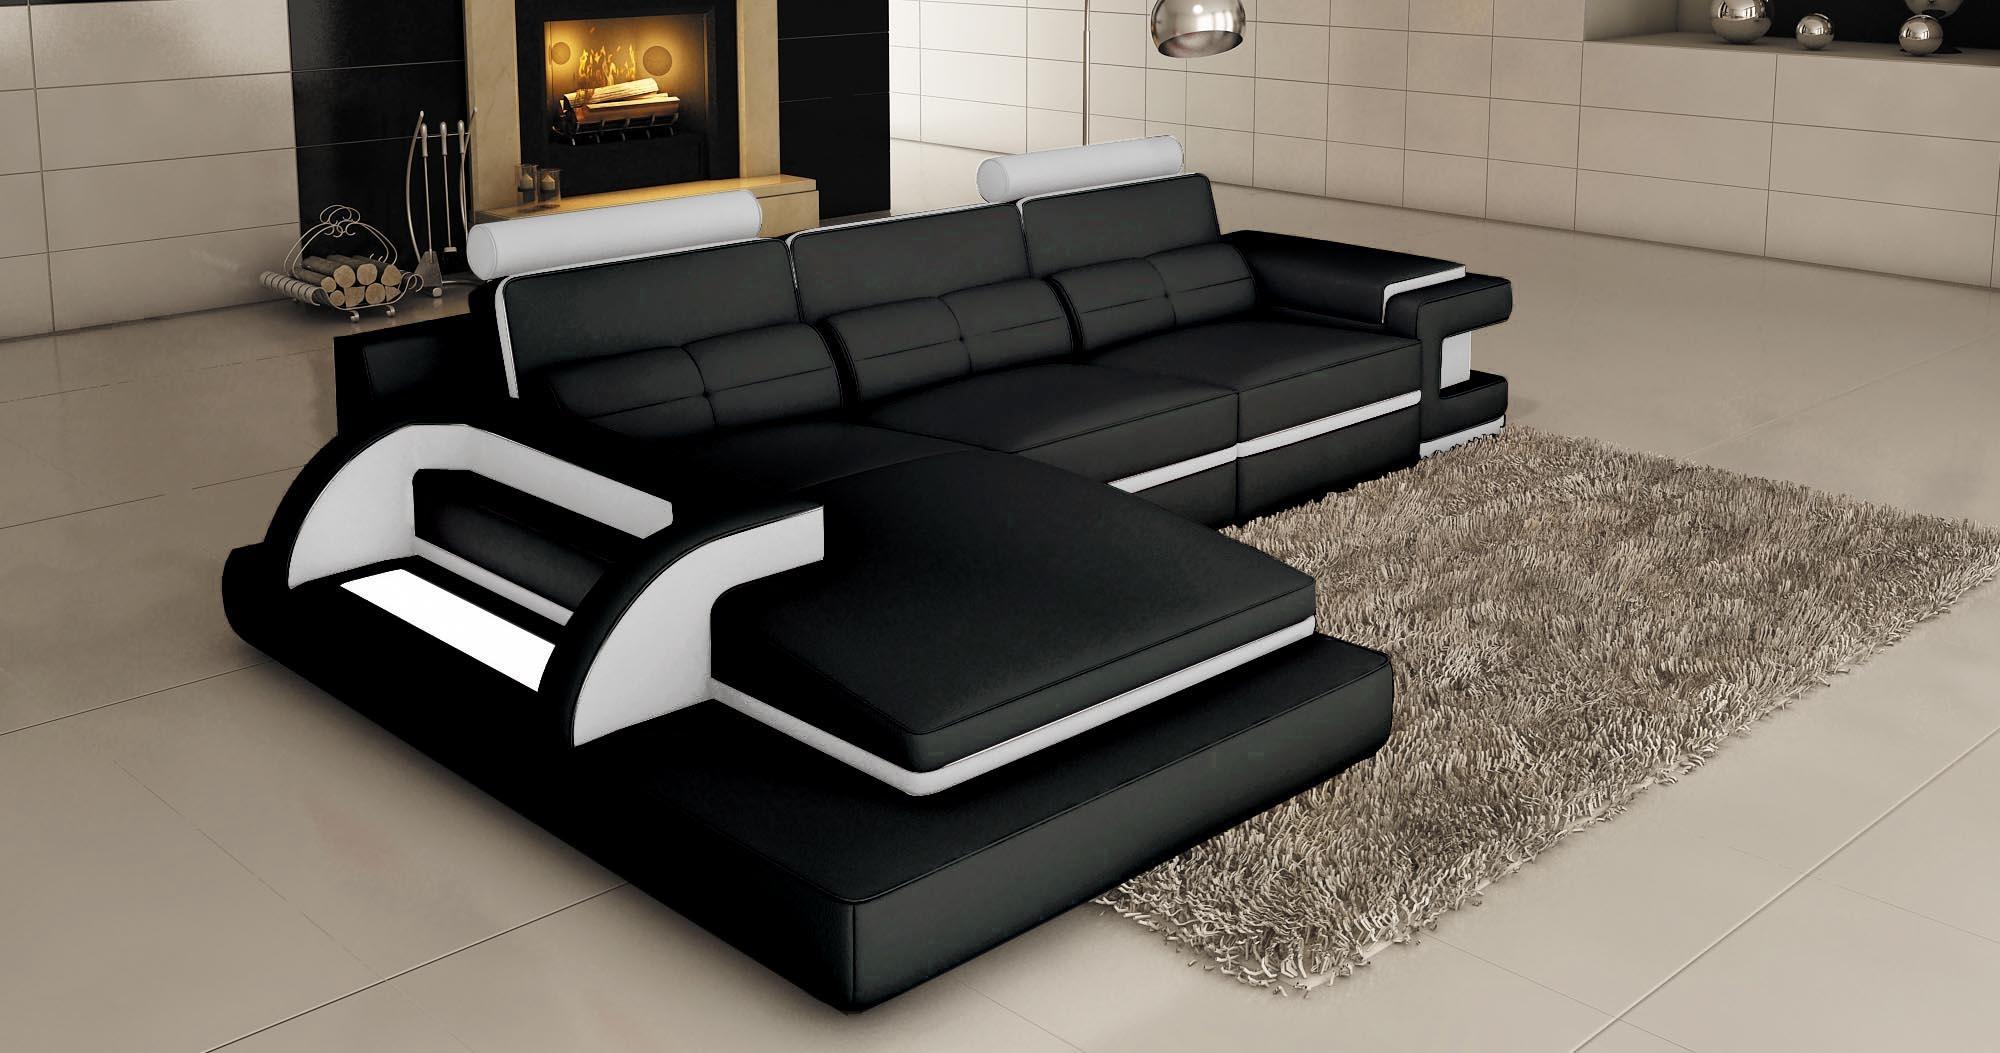 Photo Noir Et Blanc Design canapé angle noir et blanc deco in paris canape d angle cuir